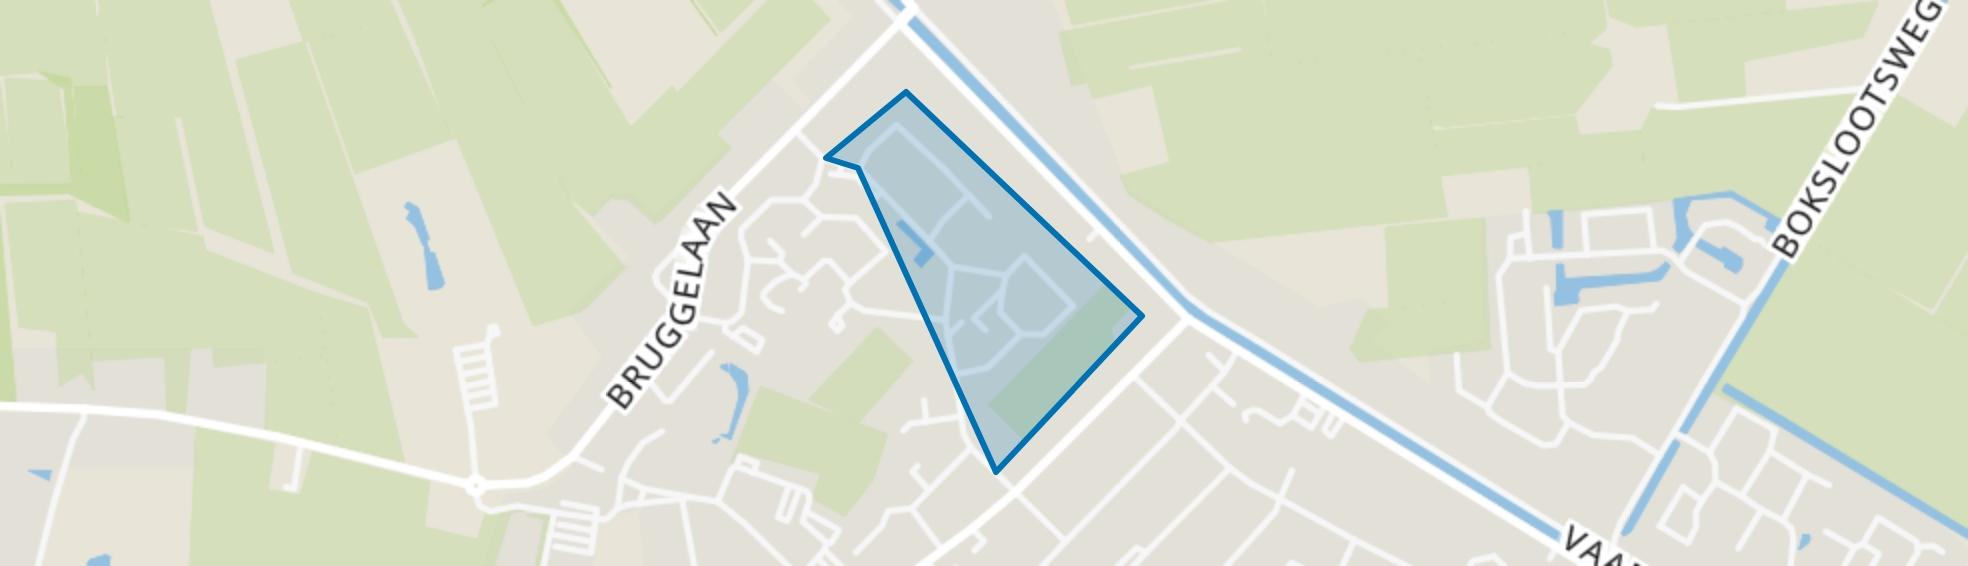 Appelscha-Midden West, Appelscha map